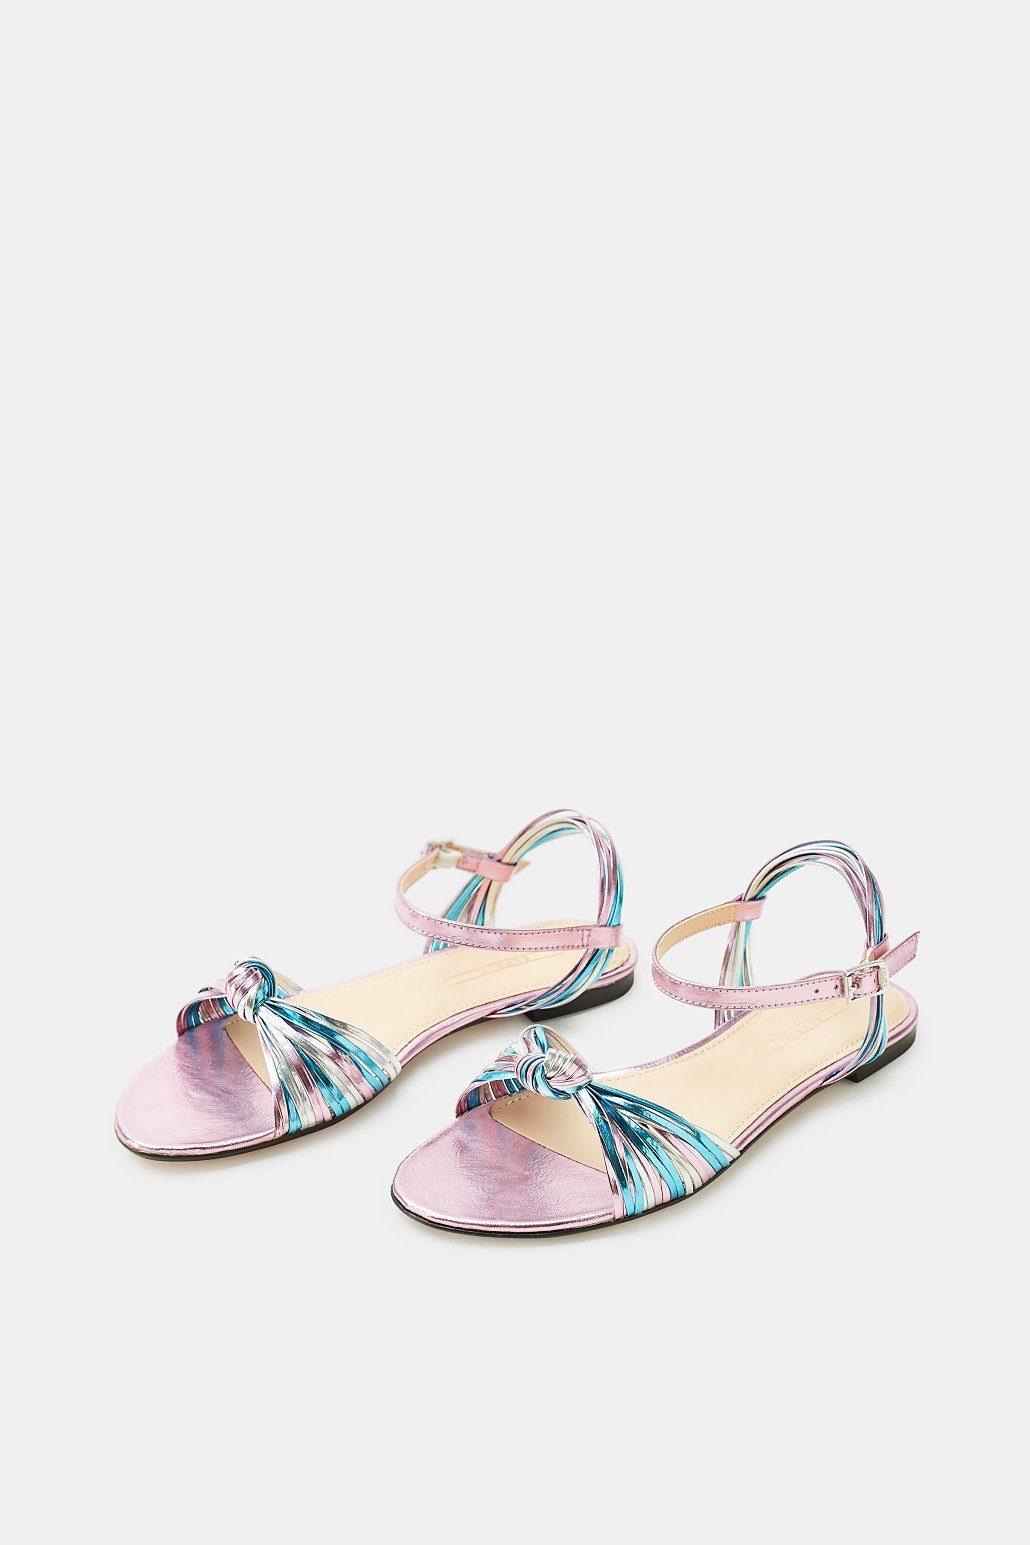 ESPRIT Flache Metallic-Sandale mit schmalen Riemchen online kaufen  ICE